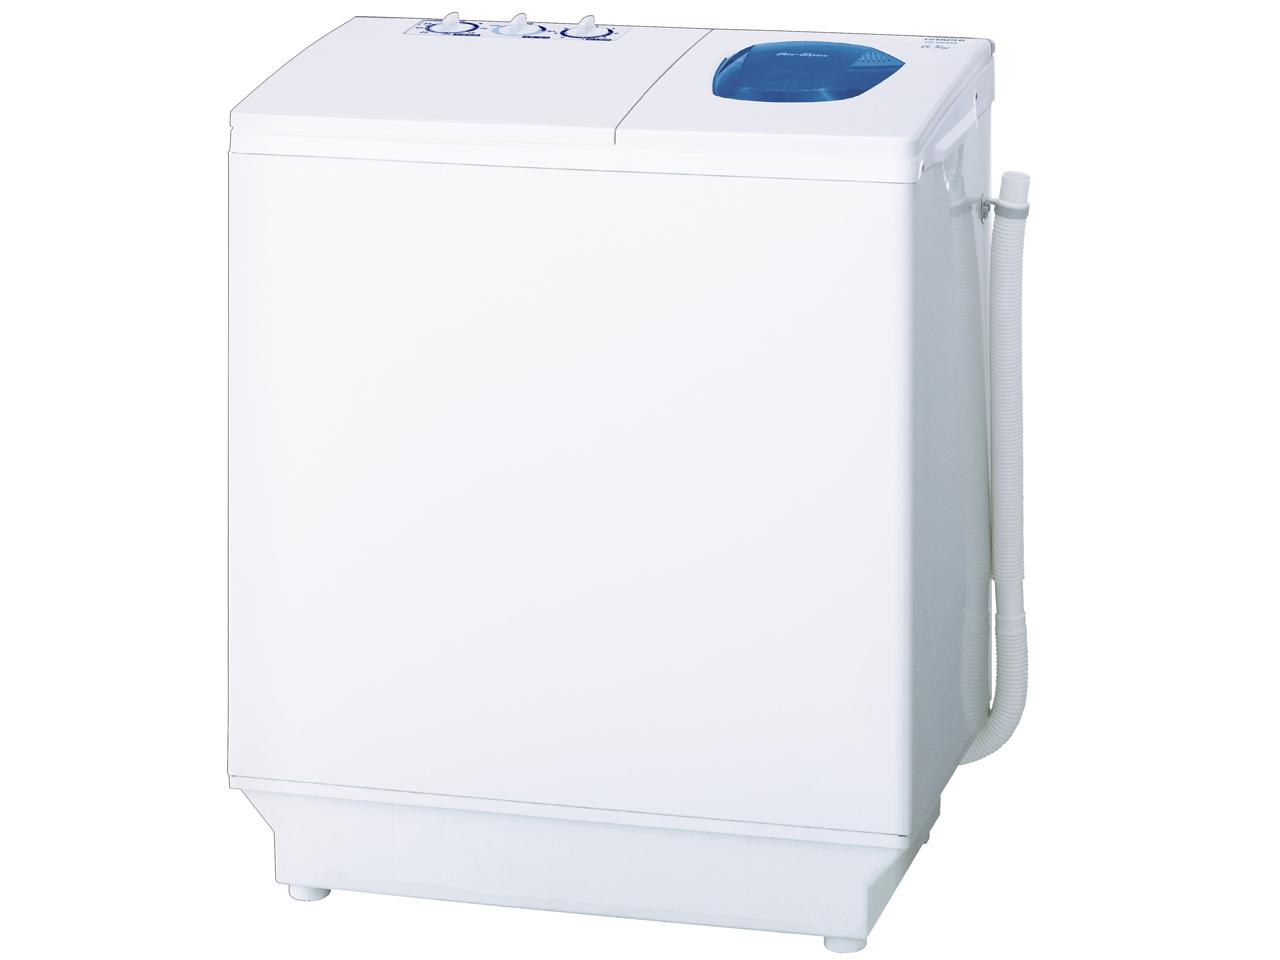 日立 2槽式洗濯機 「青空」(洗濯6.5kg)PS-65AS2-W